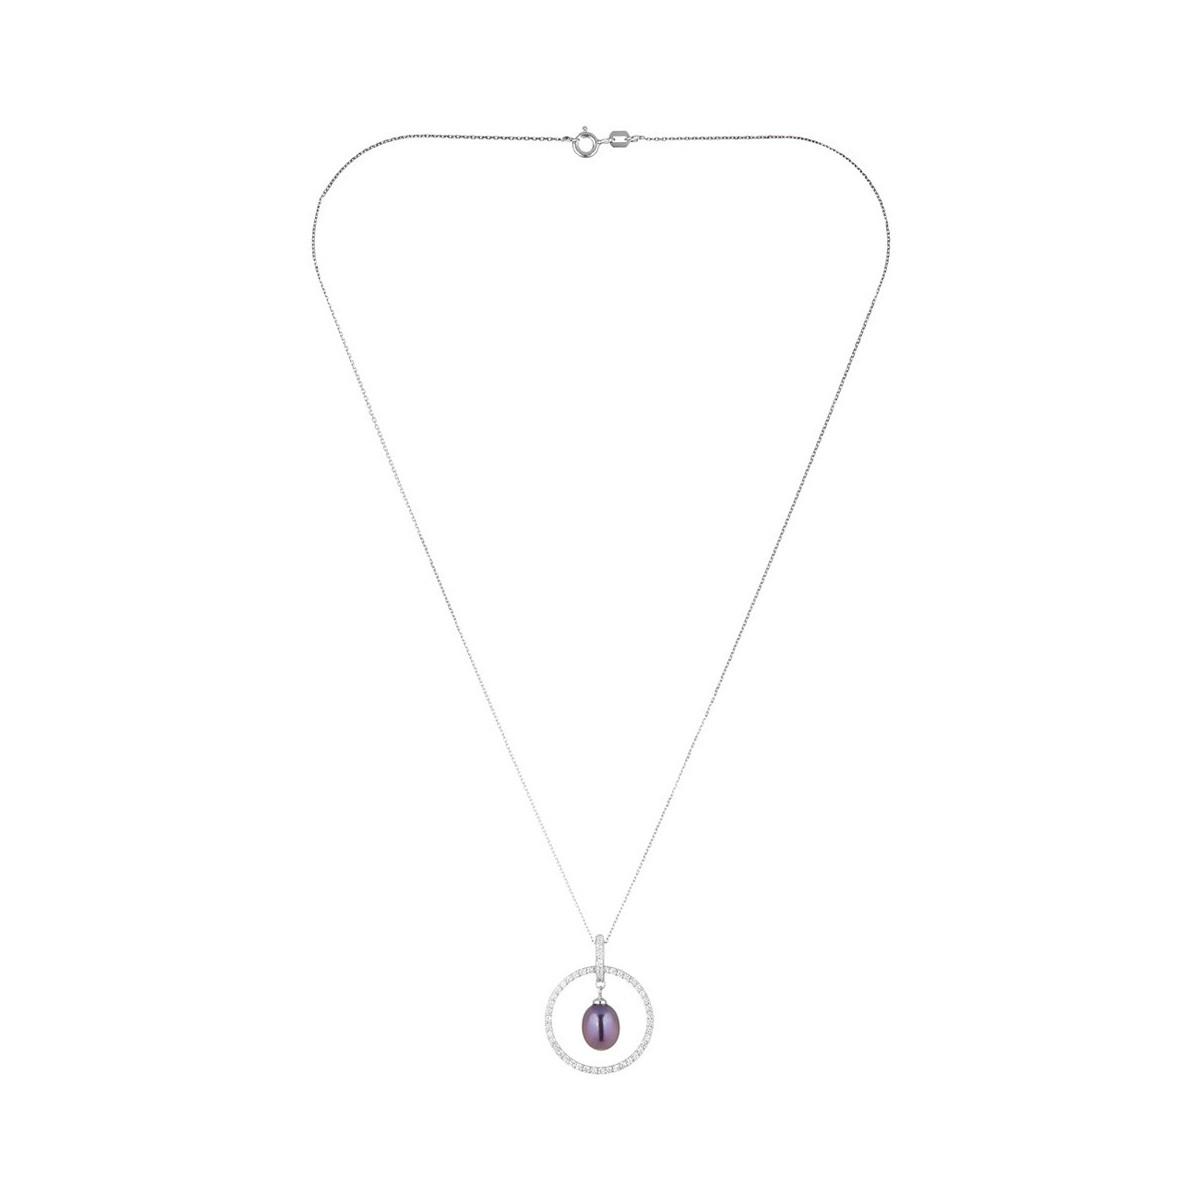 """Pendentif argent, zirconium et perle de culture noire """"Cerceau de Perle Noire"""" + chaine argent offerte"""